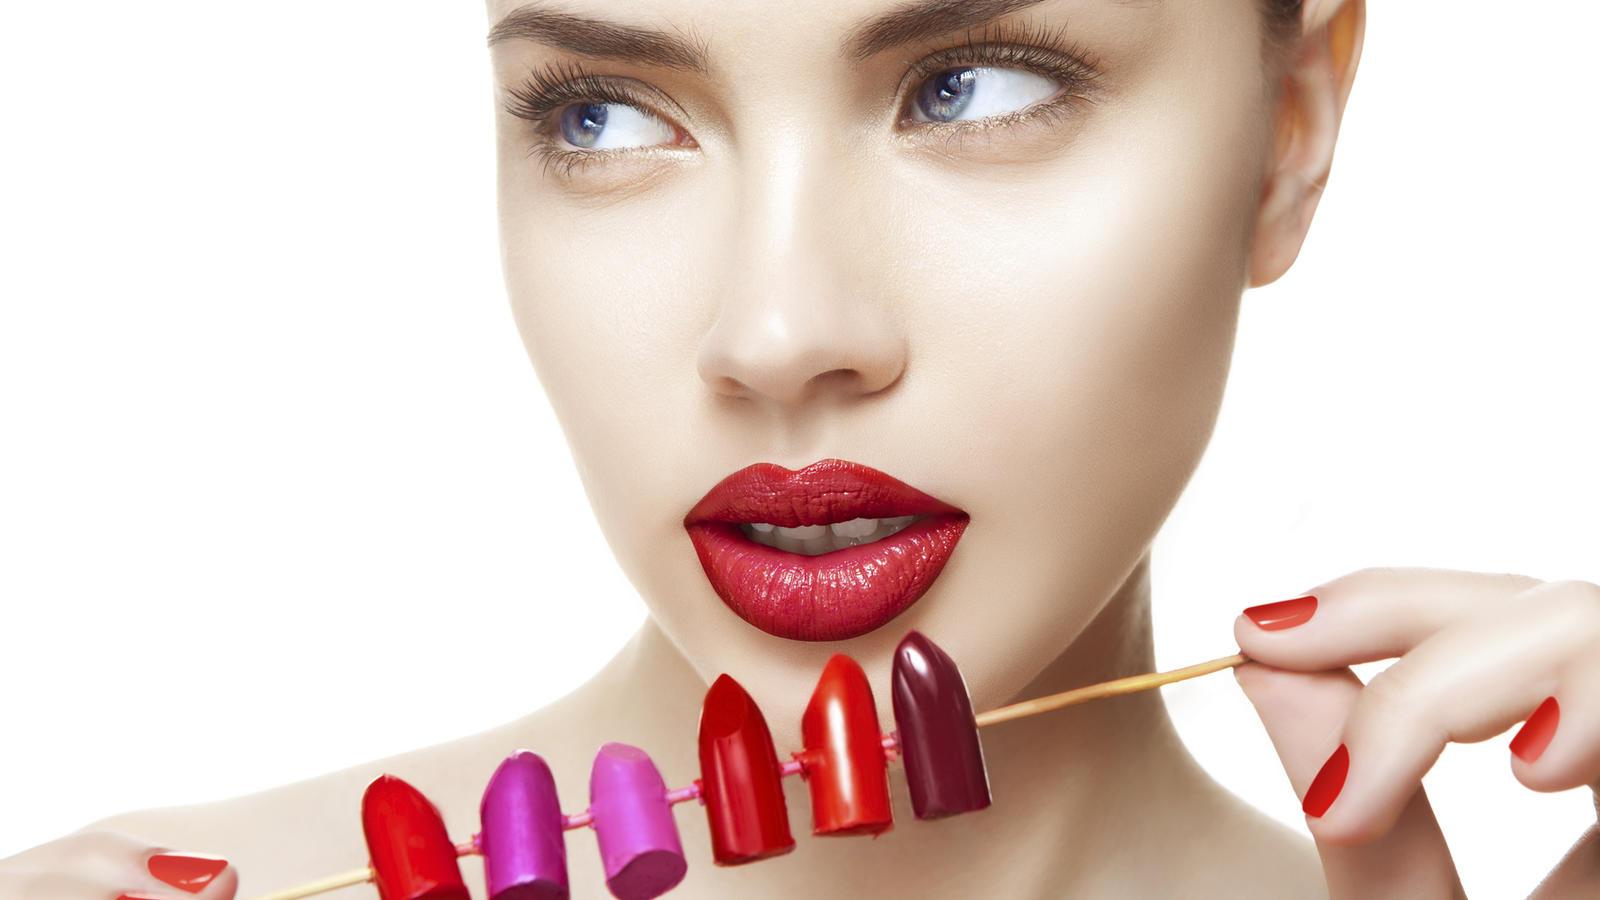 Den richtigen Ton finden - Welche Lippenstift-Farbe passt zu wem?